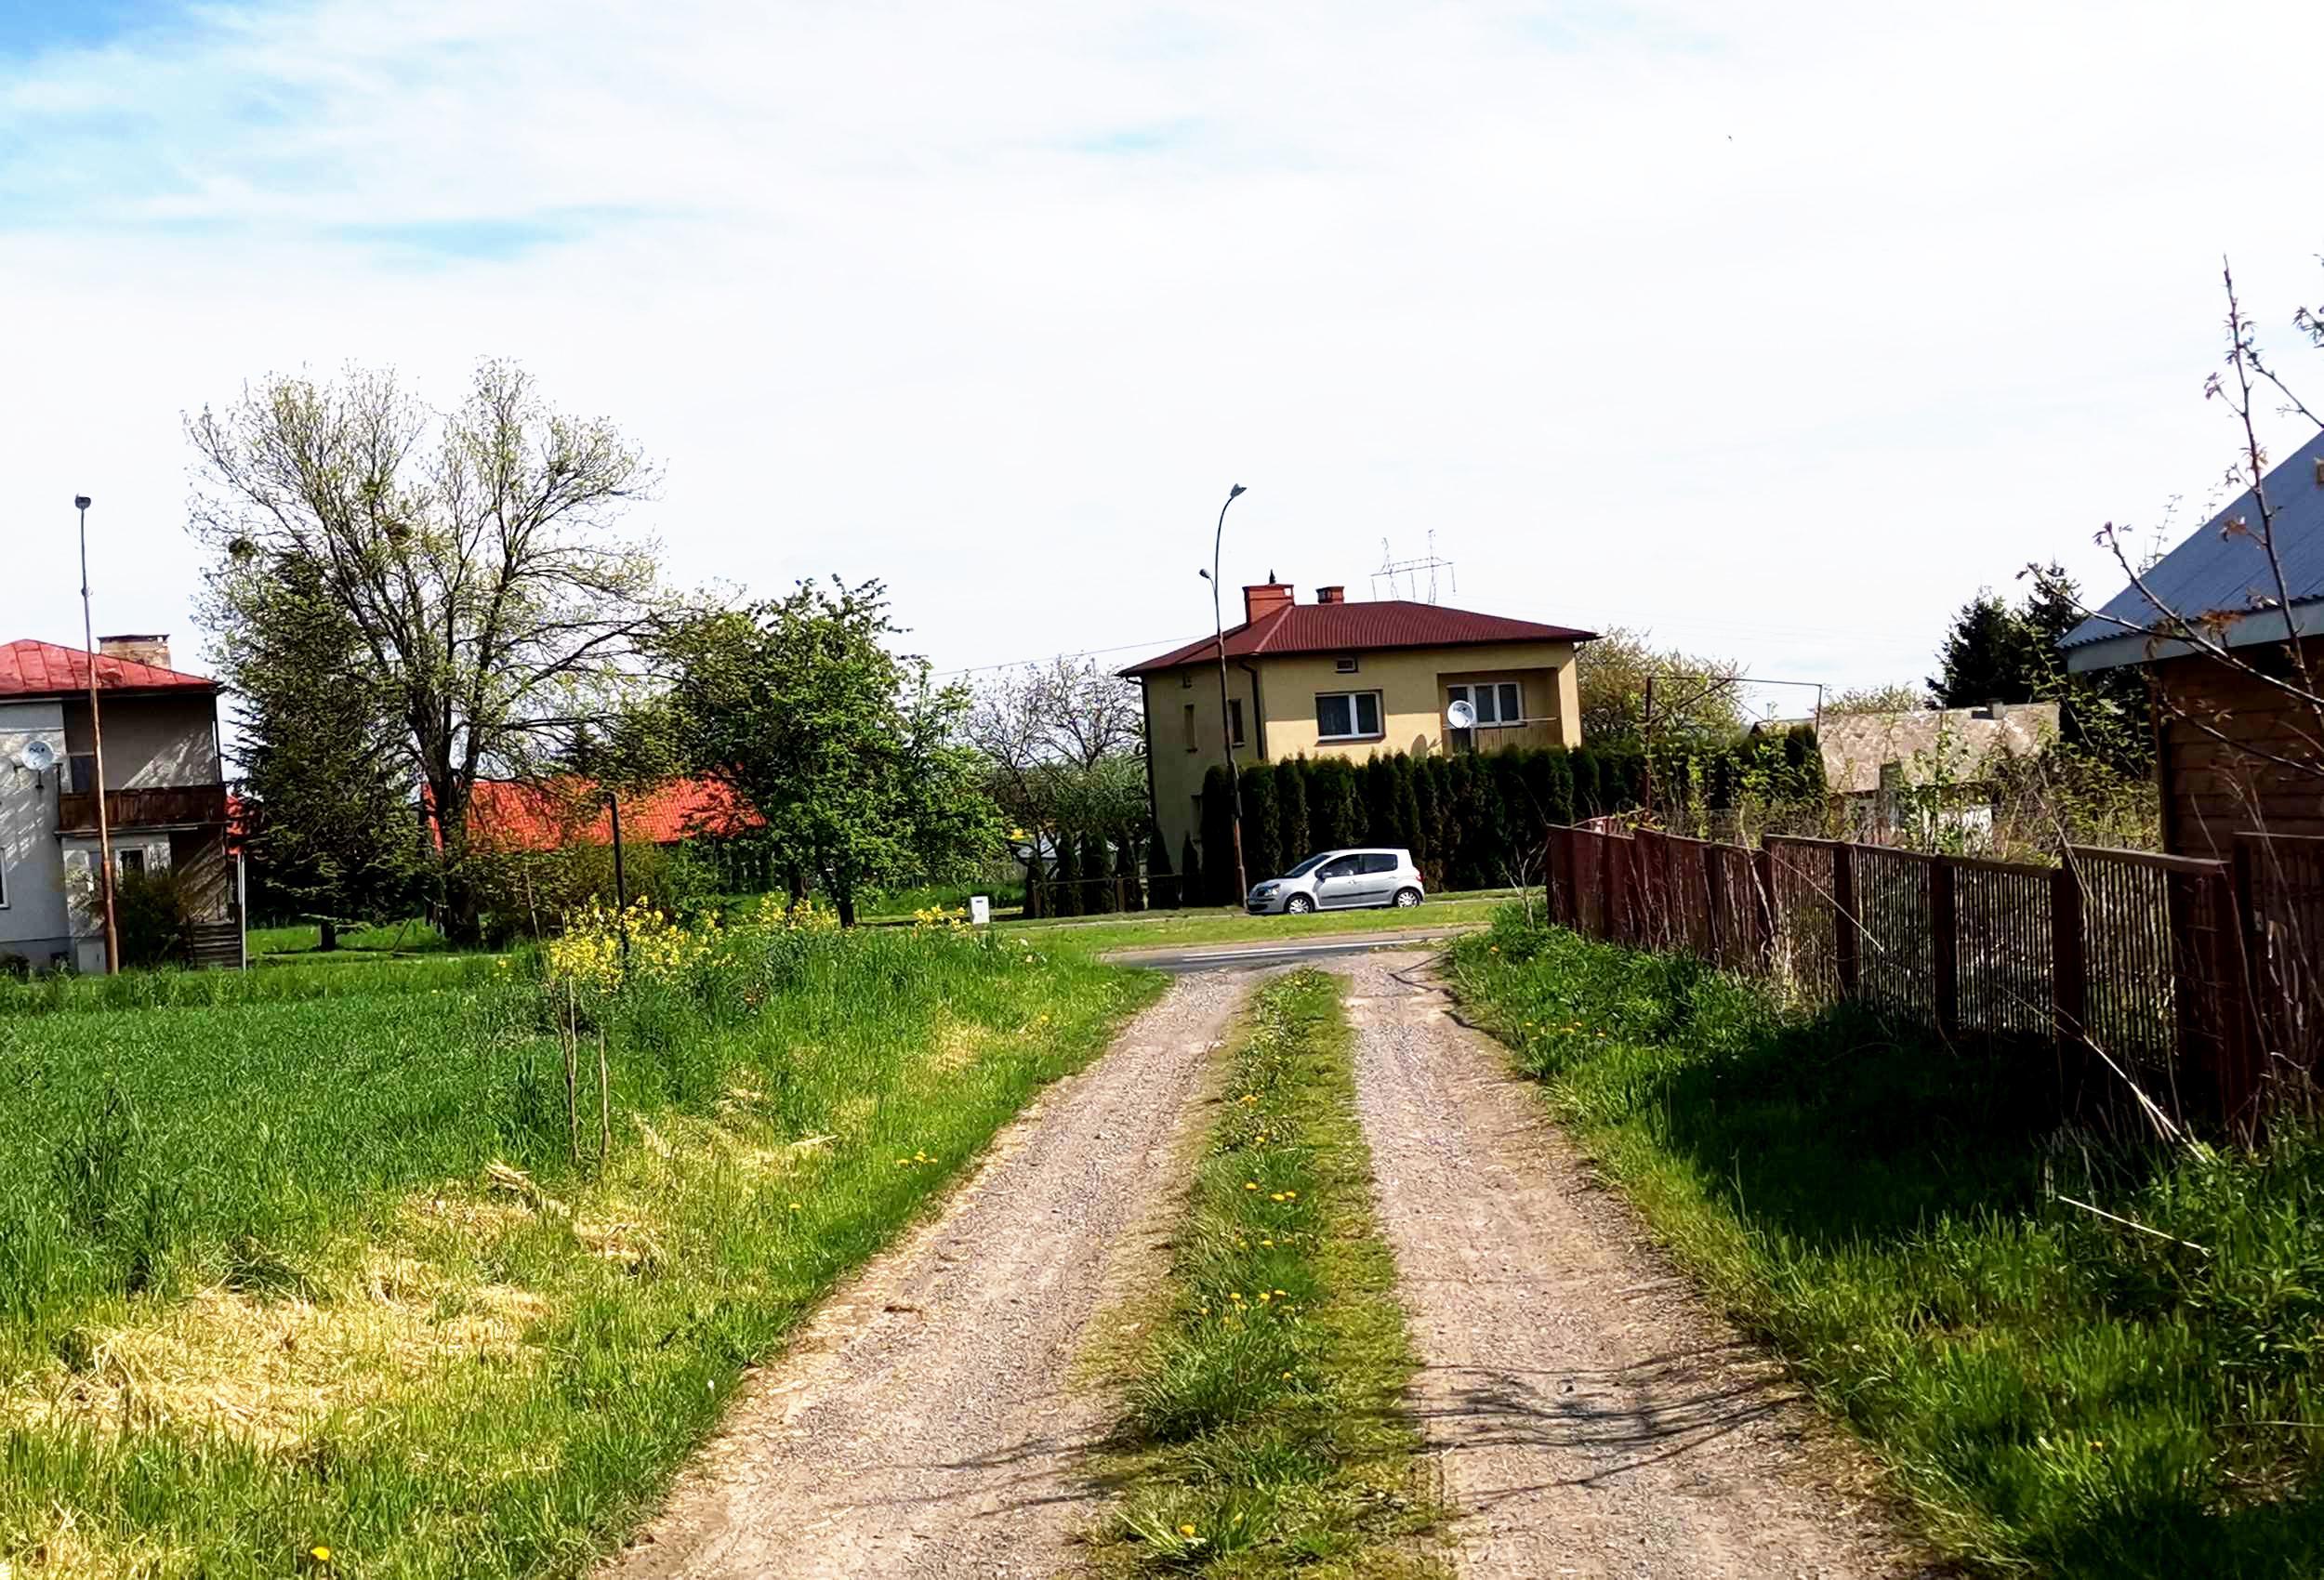 dzialki kalinowice - działka na sprzedaż - Krzysztof Górski Nieruchomości Zamość